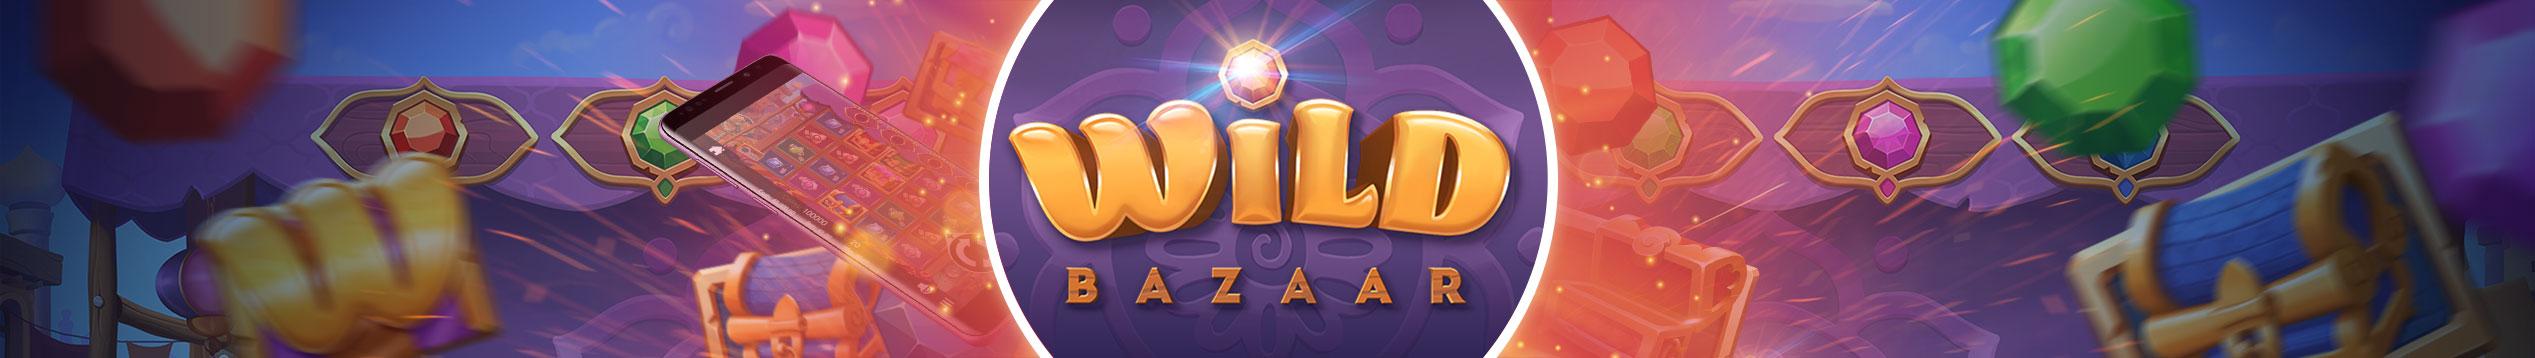 Prøv ut NetEnts spill Wild Bazaar idag